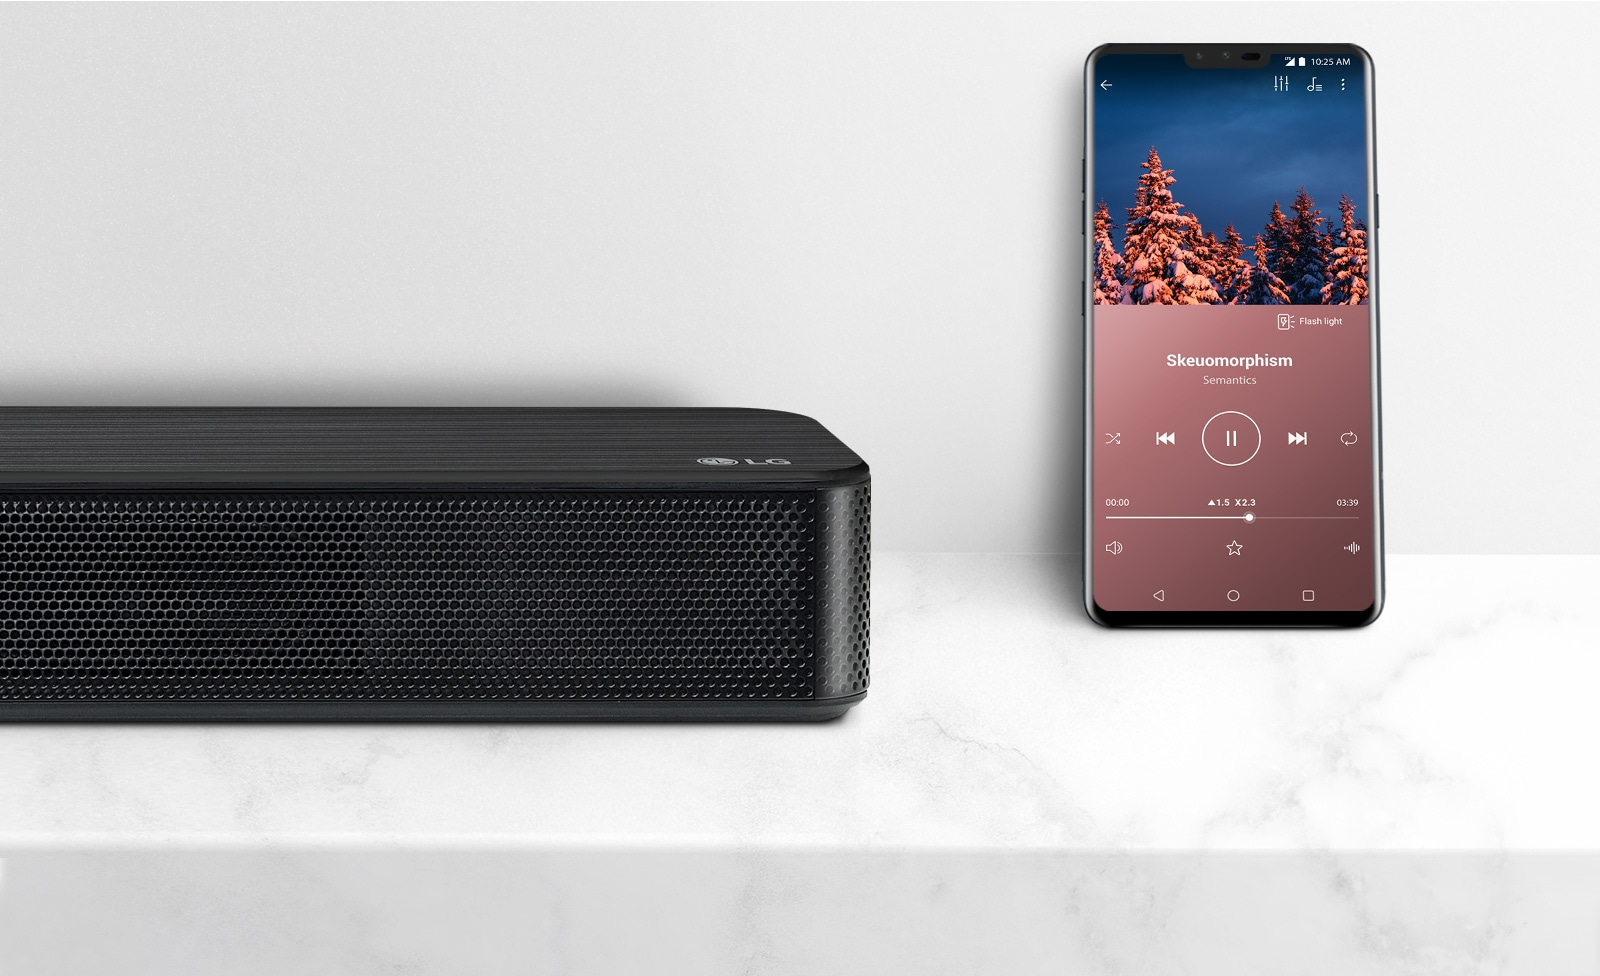 Prikaz izbliza desne strane zvučnika LG Sound Bar u blizini pametnog telefona. Dva se uređaja nalaze na bijeloj polici.